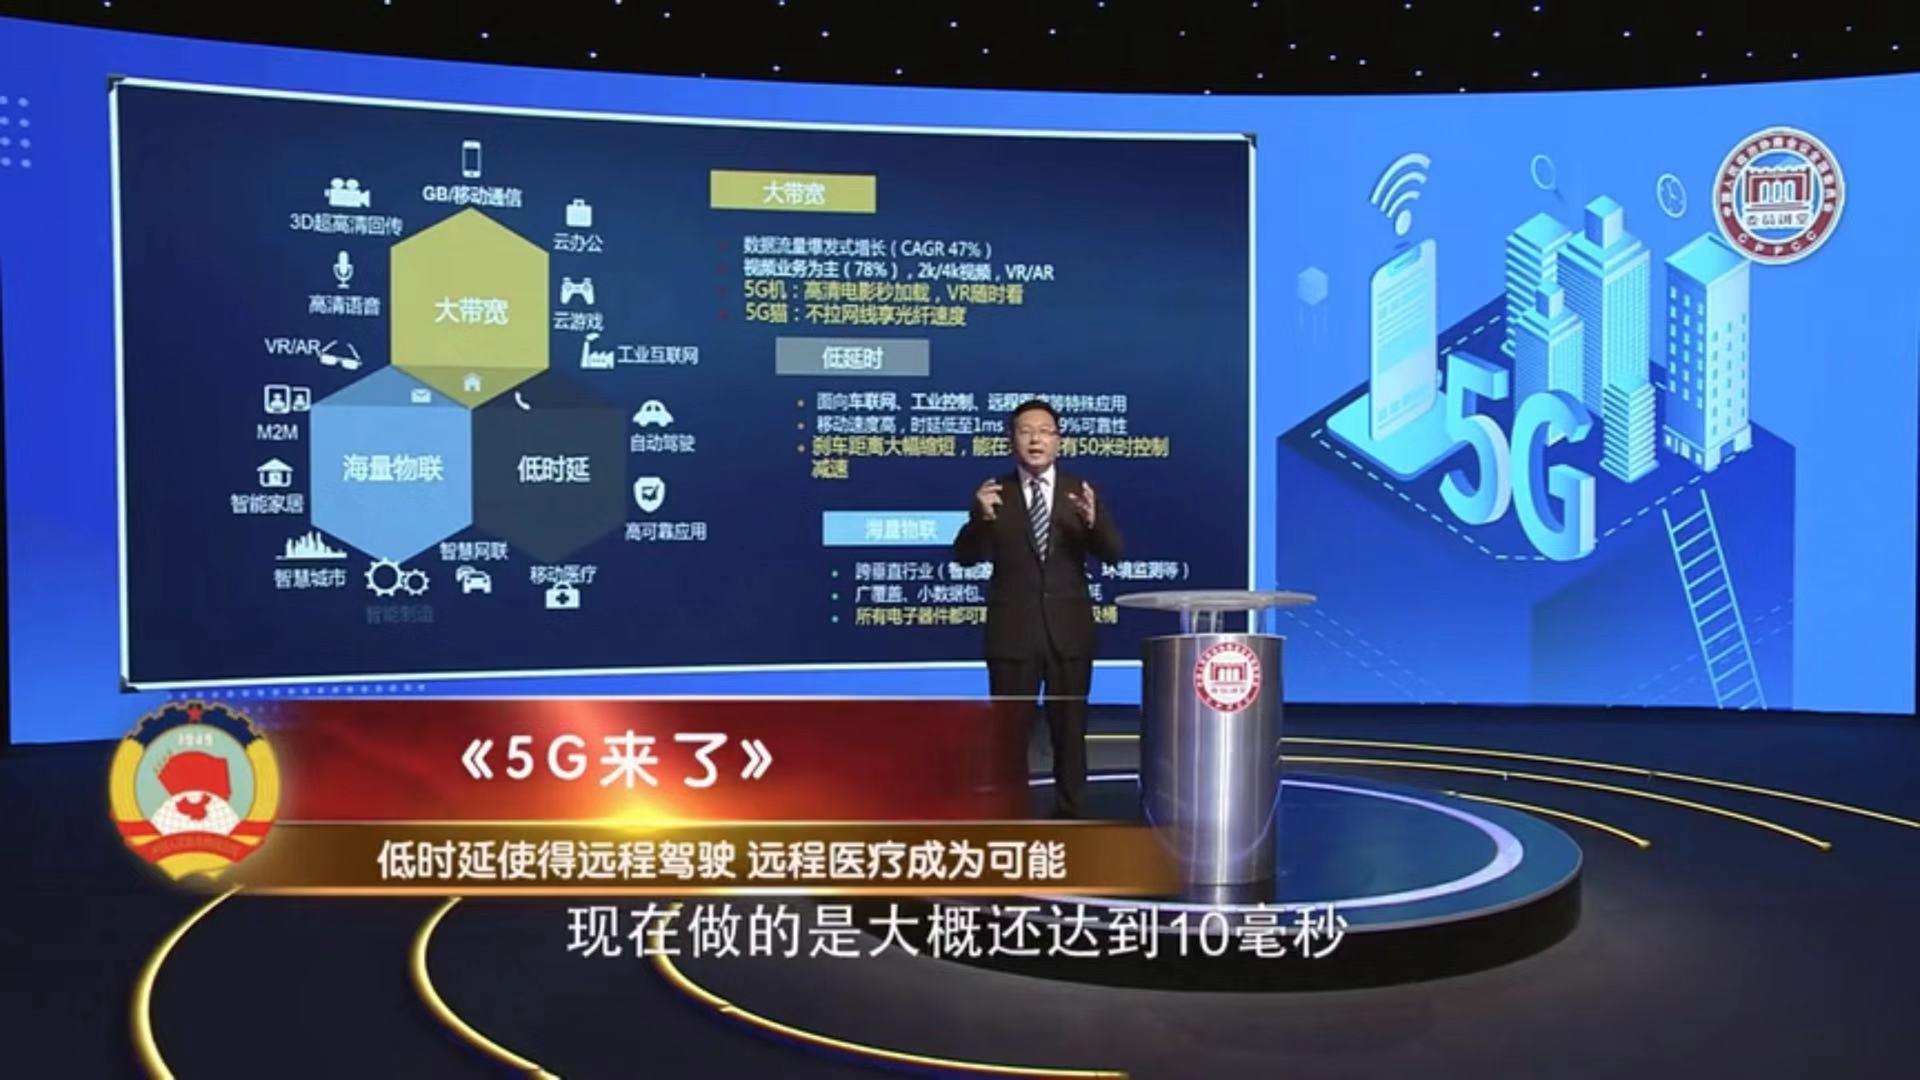 视频截图:张云勇讲解5G的三大应用优势